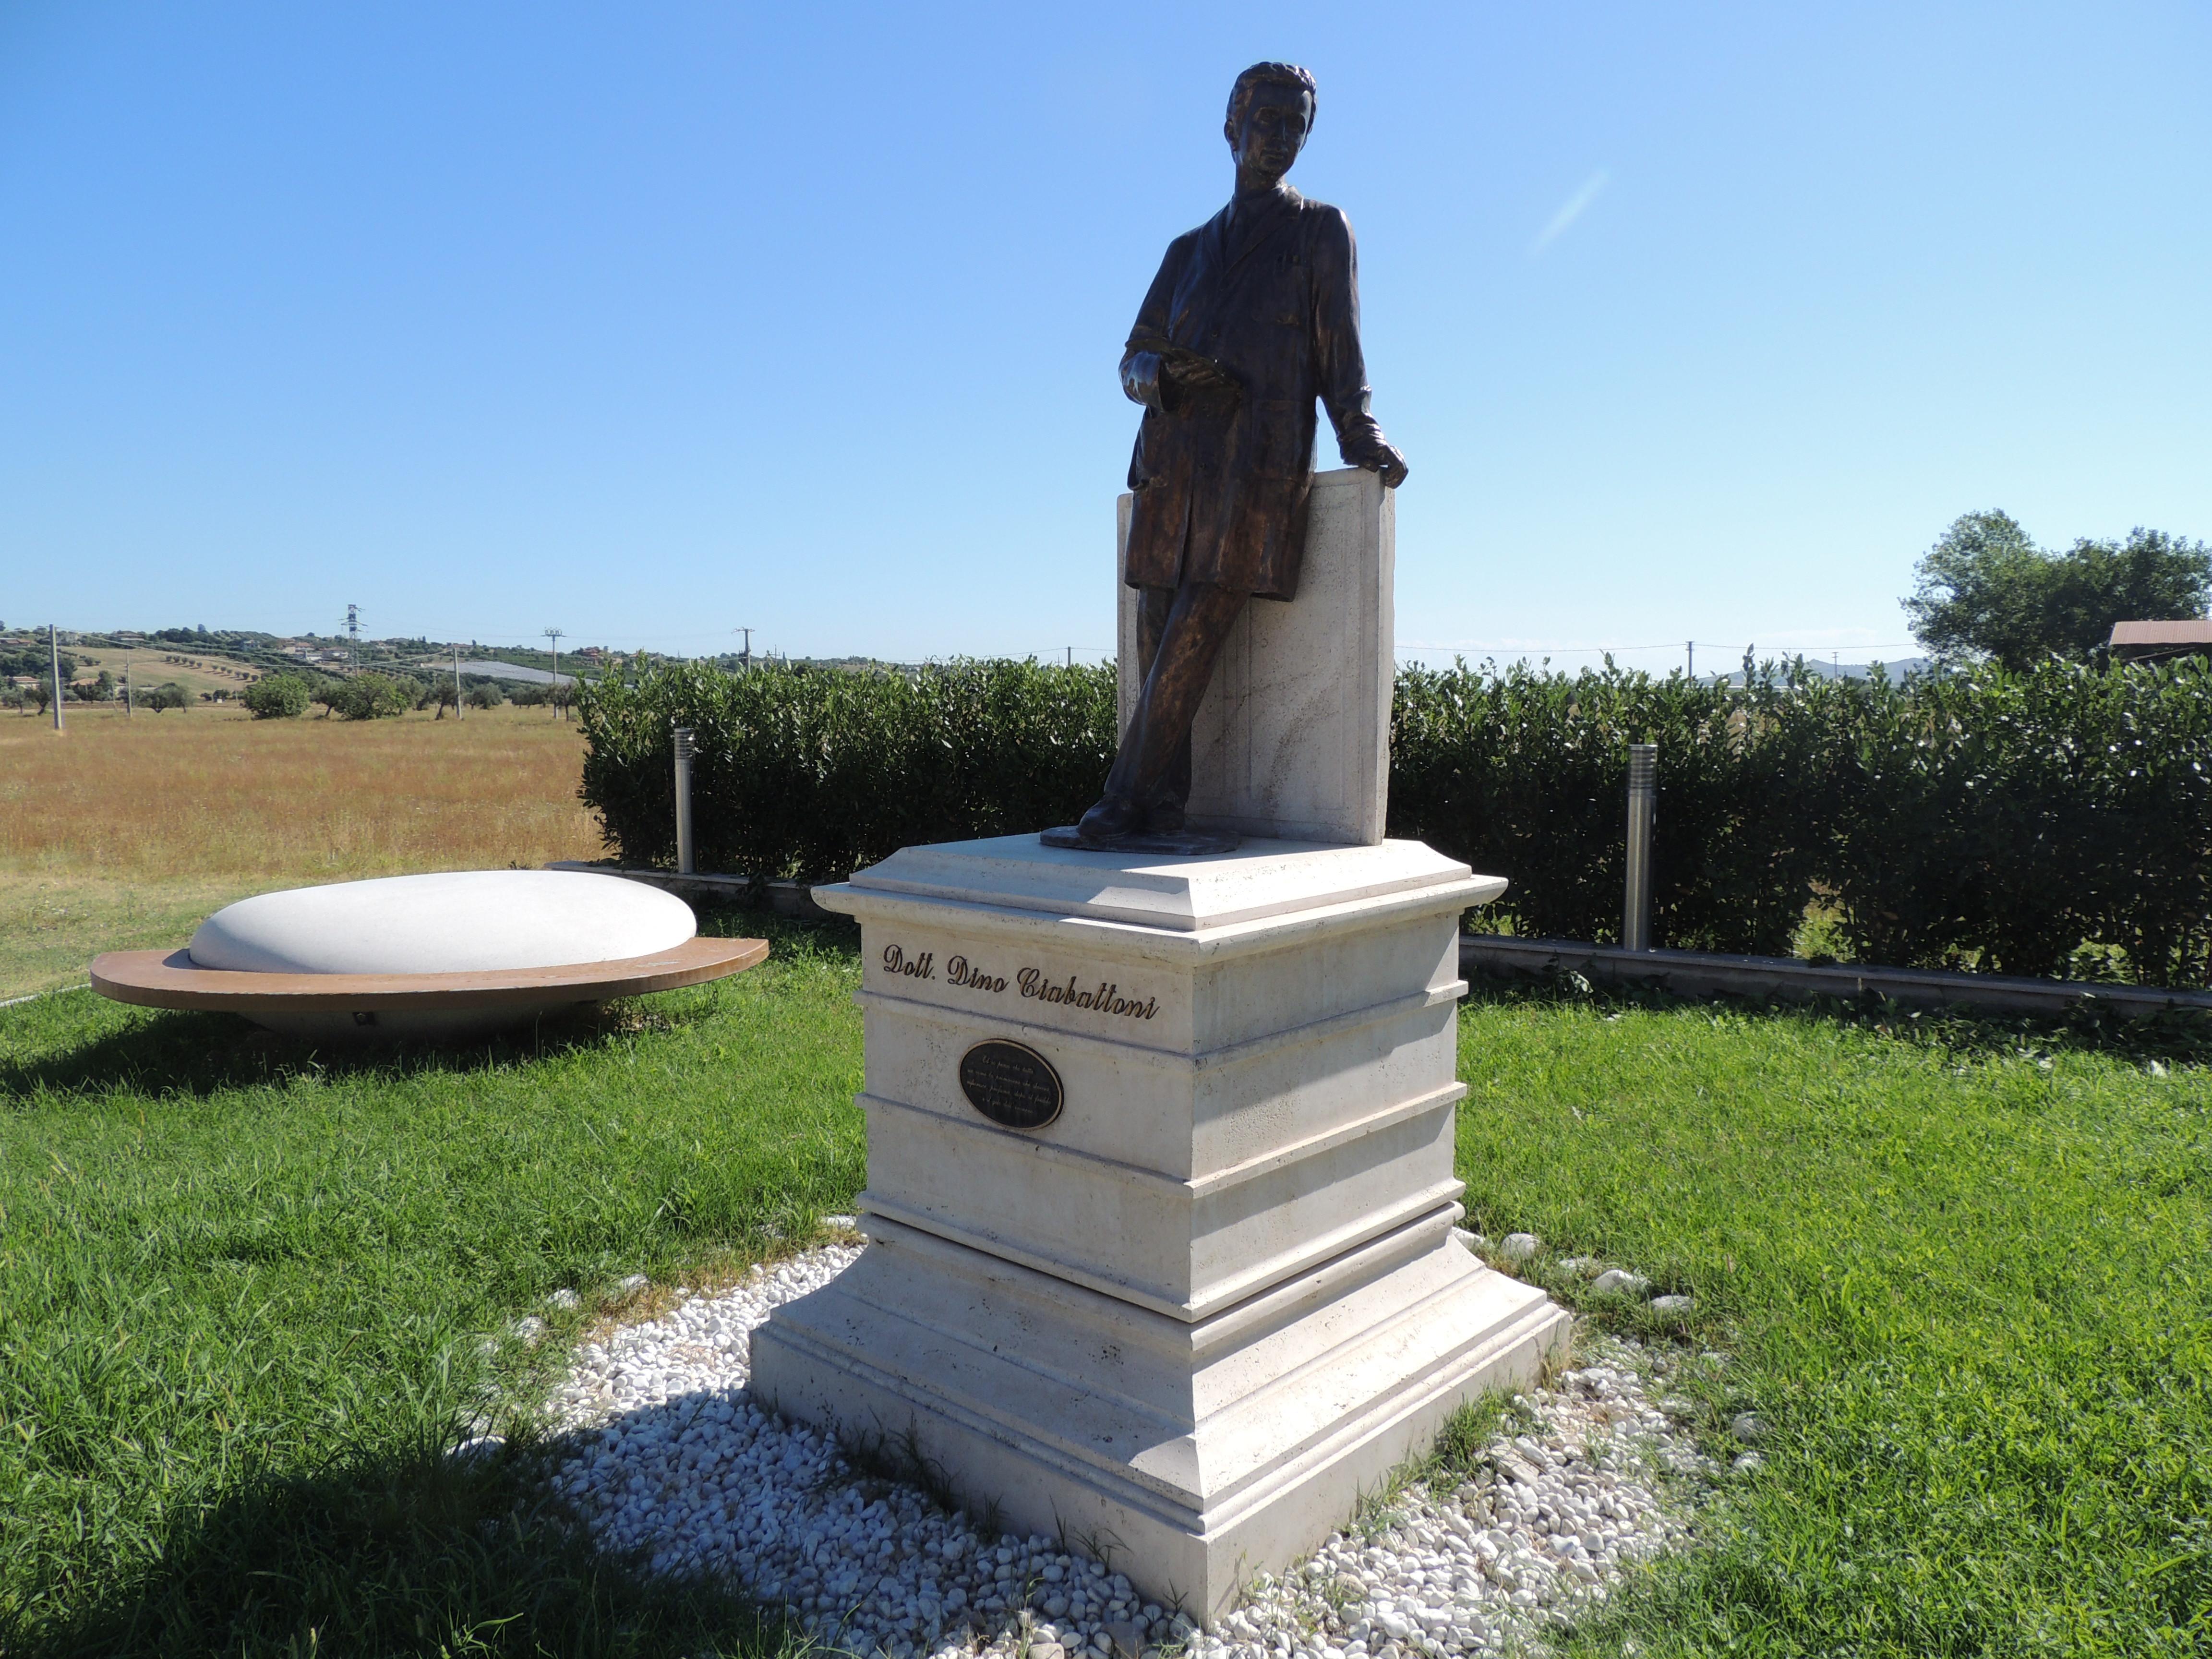 Monumento con base in travertino grezzo anticato, con gole e toro. Statua e targa in bronzo